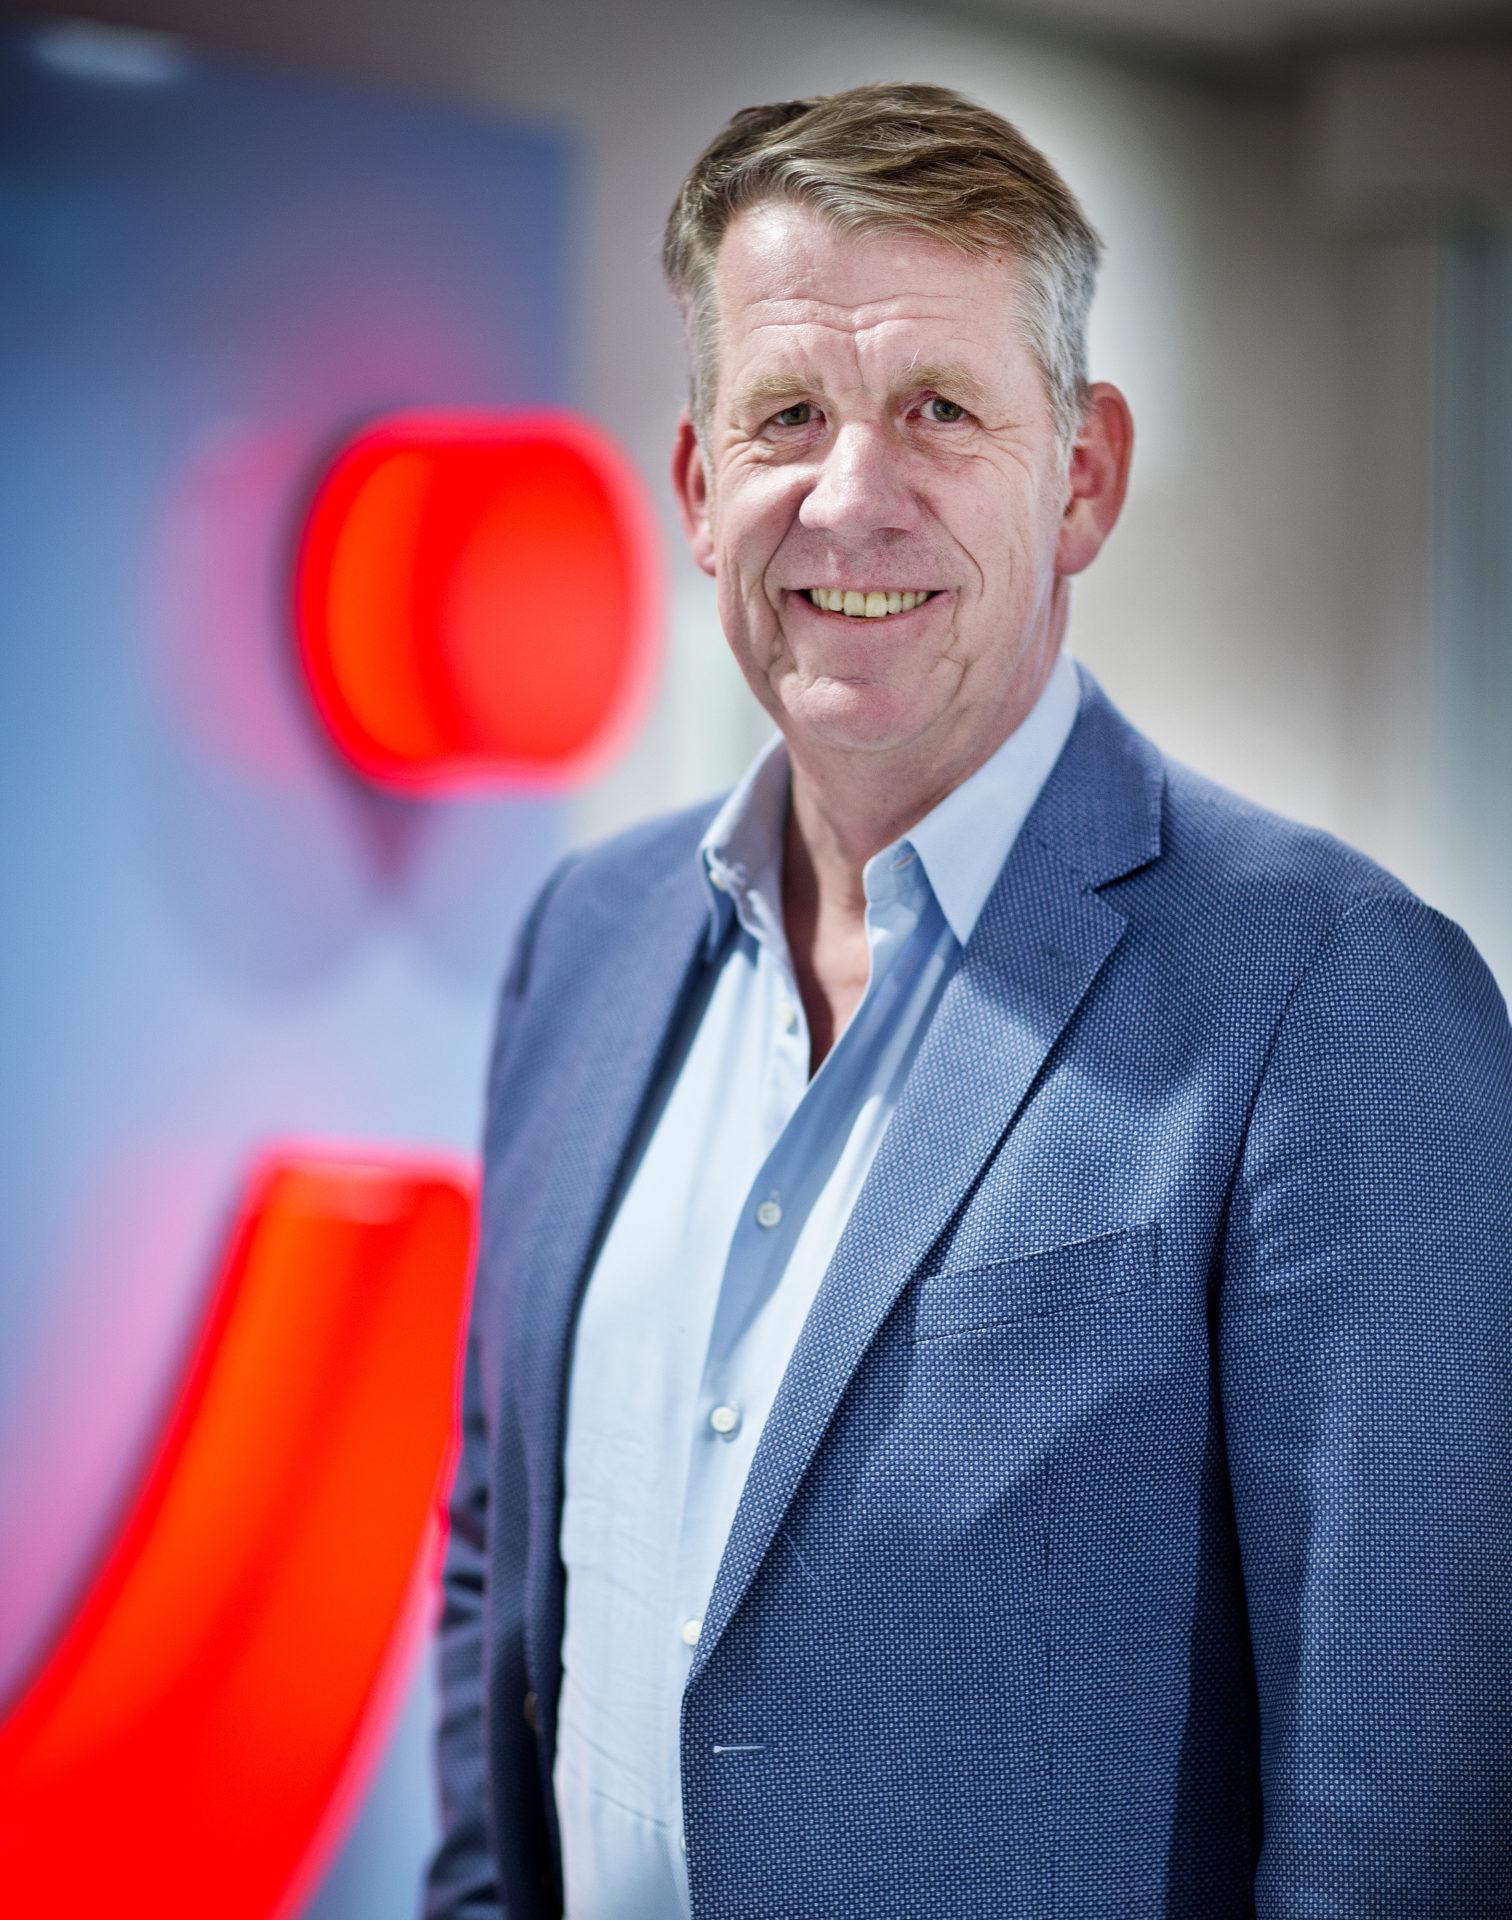 TUI CEO Fritz Joussen